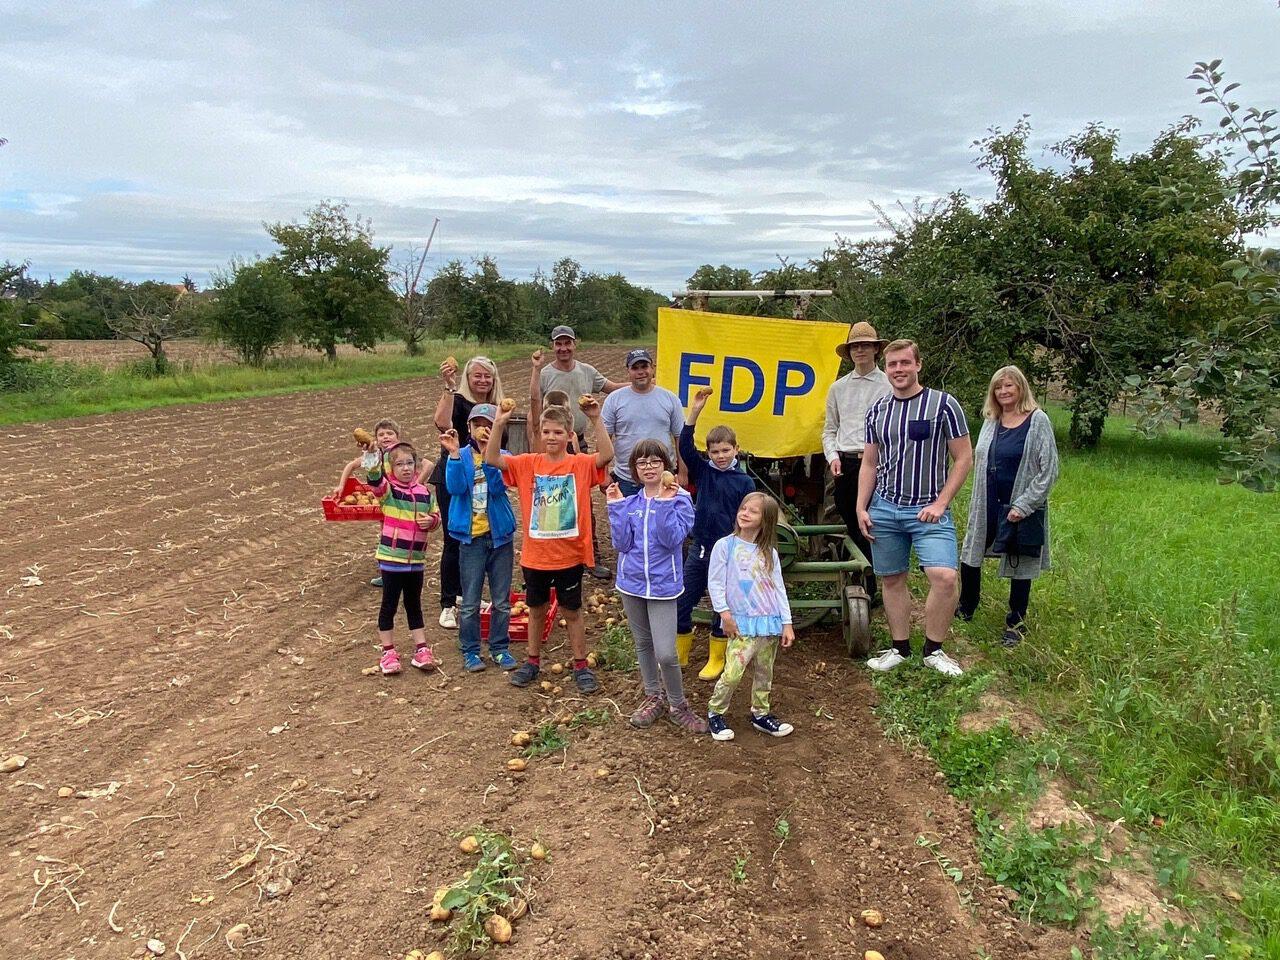 """""""Natur pur-mit der FDP durch Feld und Flur""""."""